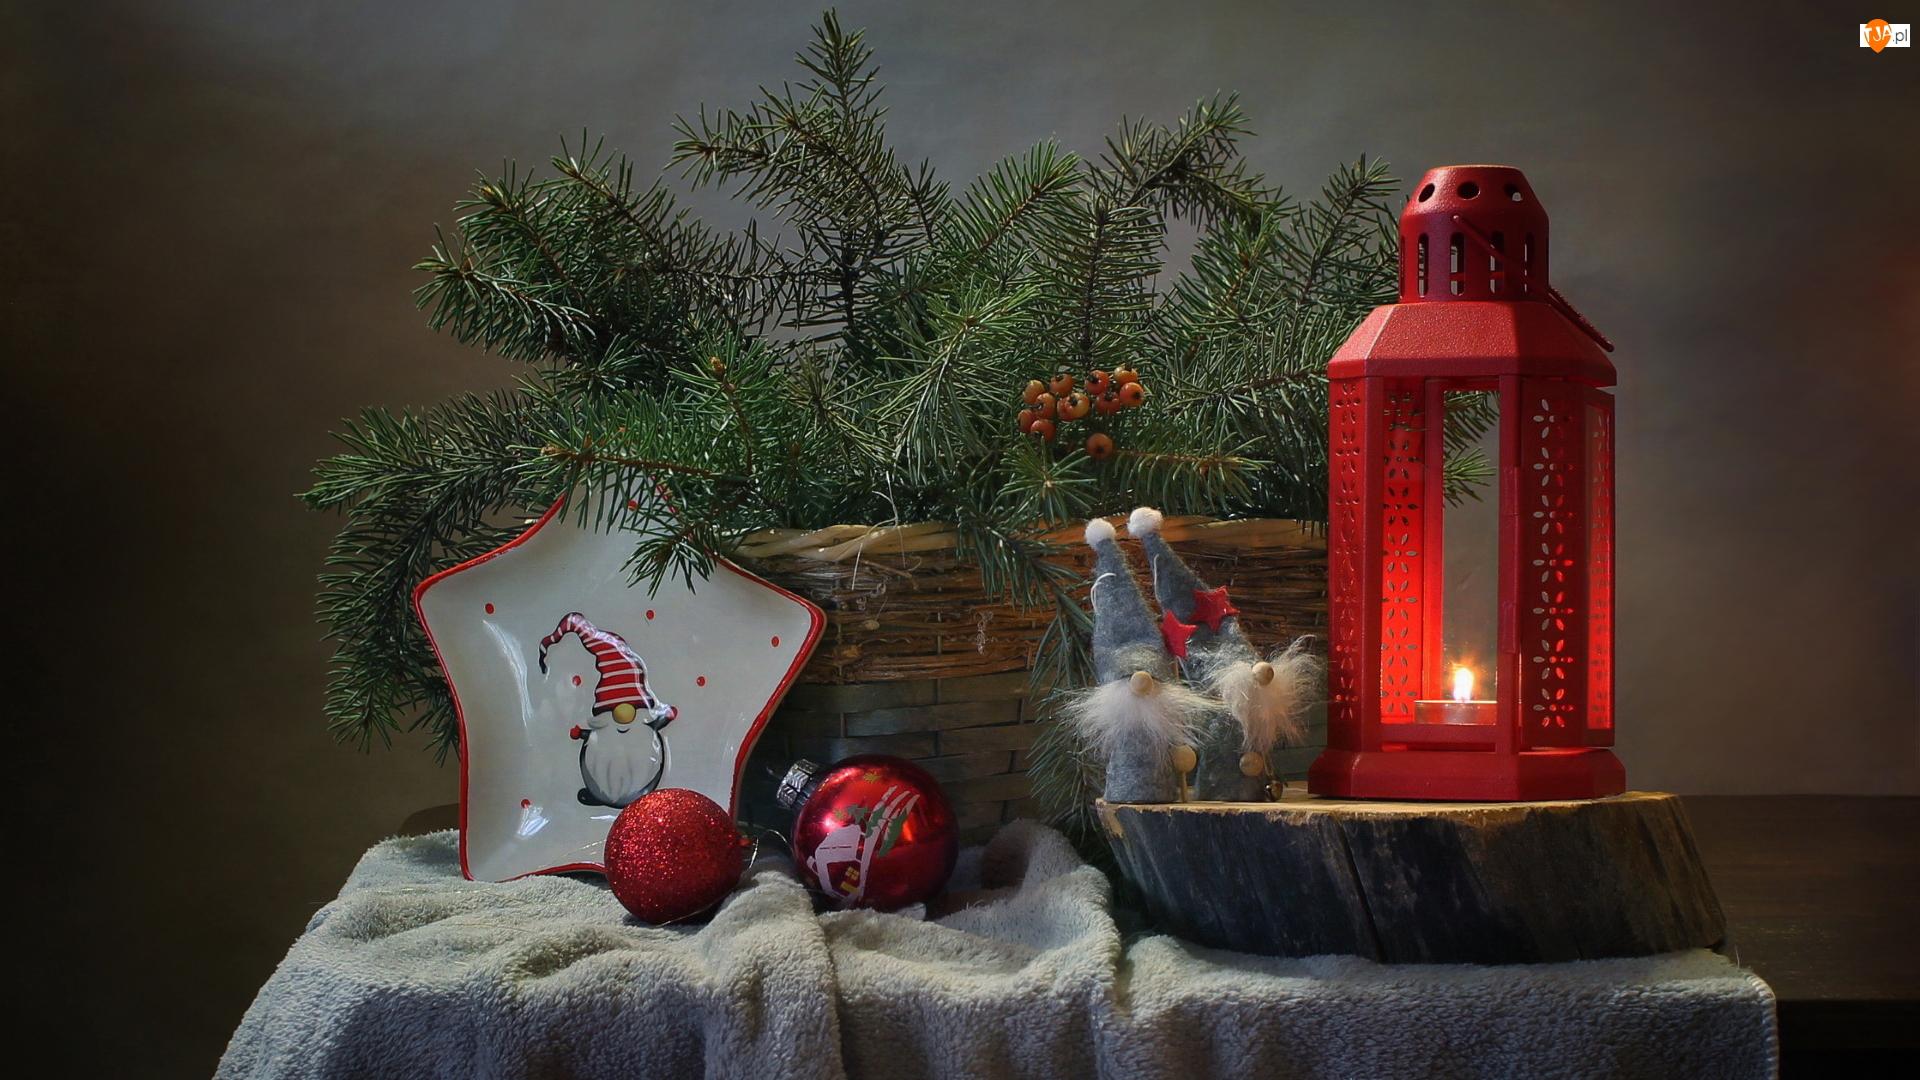 Boże Narodzenie, Lampion, Krasnale, Kompozycja, Gałązki, Koszyk, Bombki